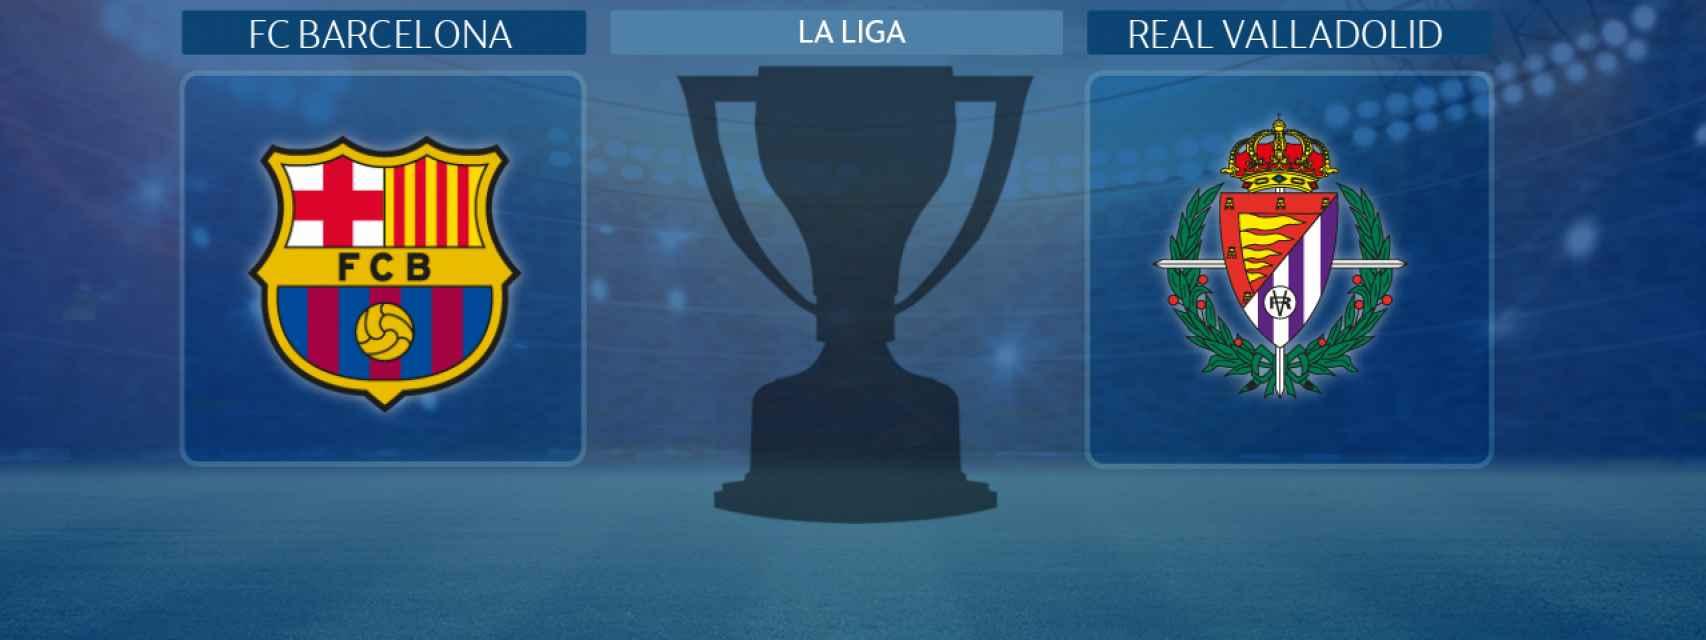 FC Barcelona - Real Valladolid, partido de La Liga